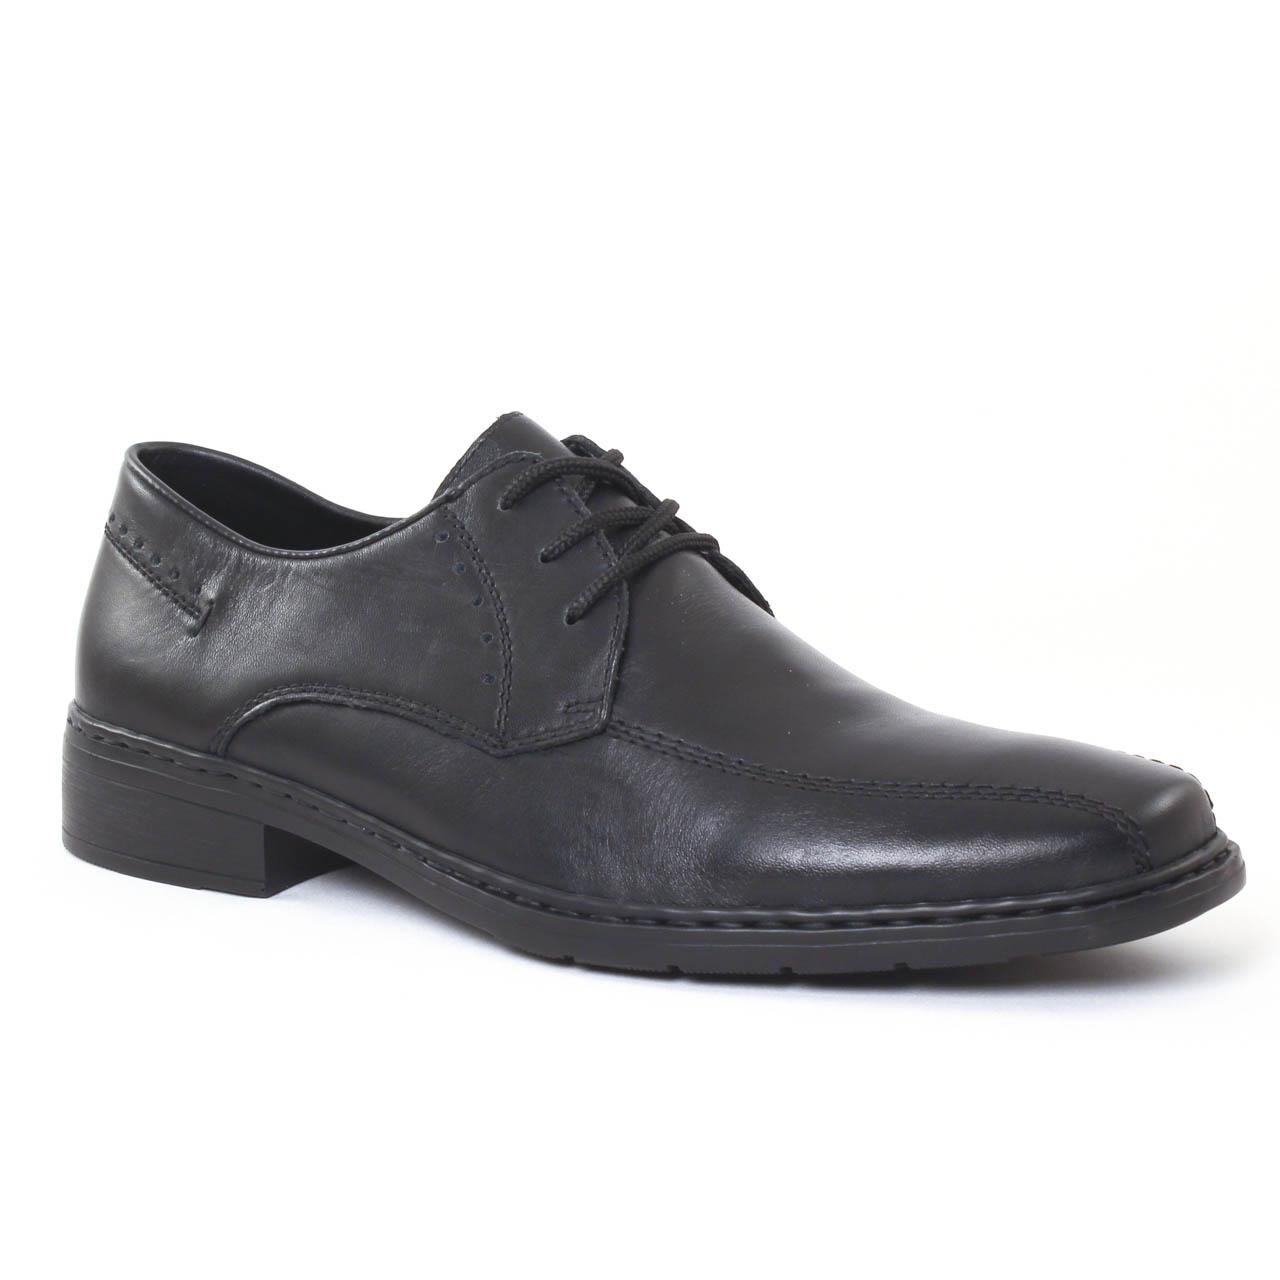 d429716589c7 RIEKER HOMME | Chaussures homme Rieker chez TROIS PAR 3